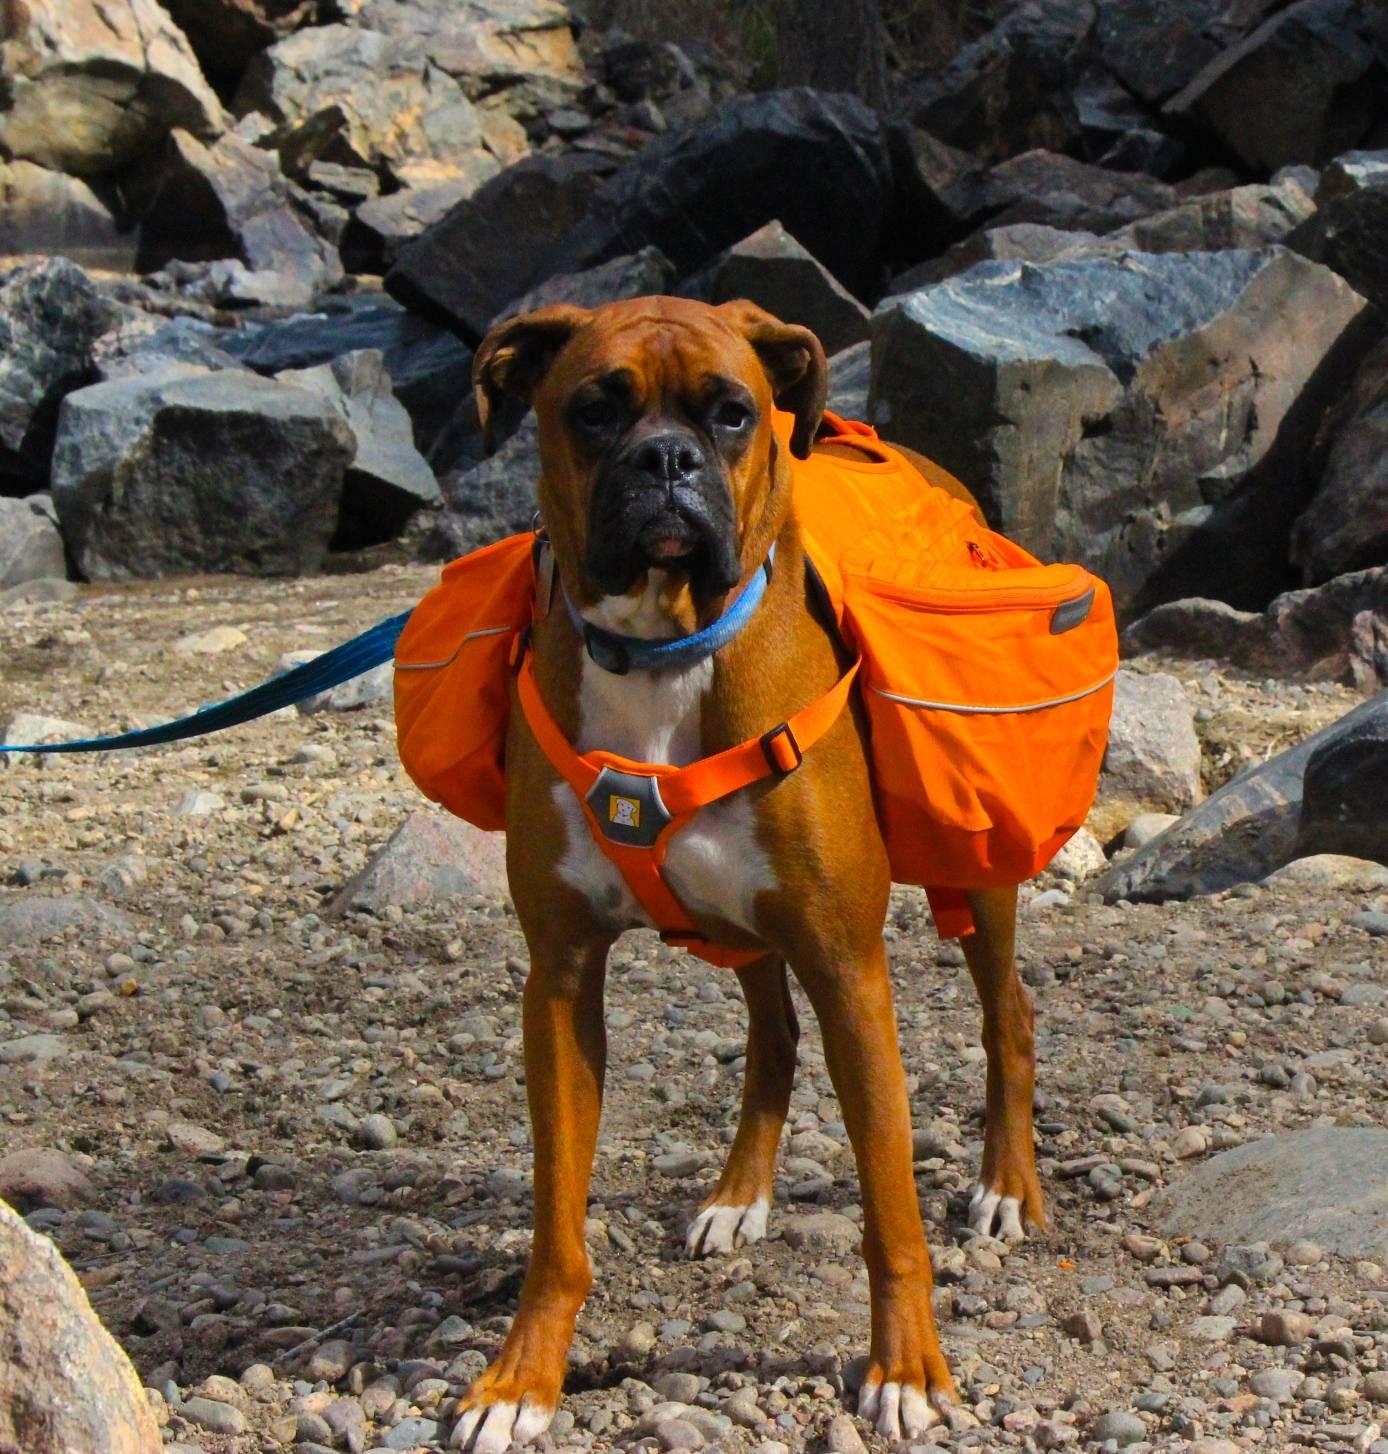 Best Dog Hiking Pack - Ruffwear ApproachRead why→